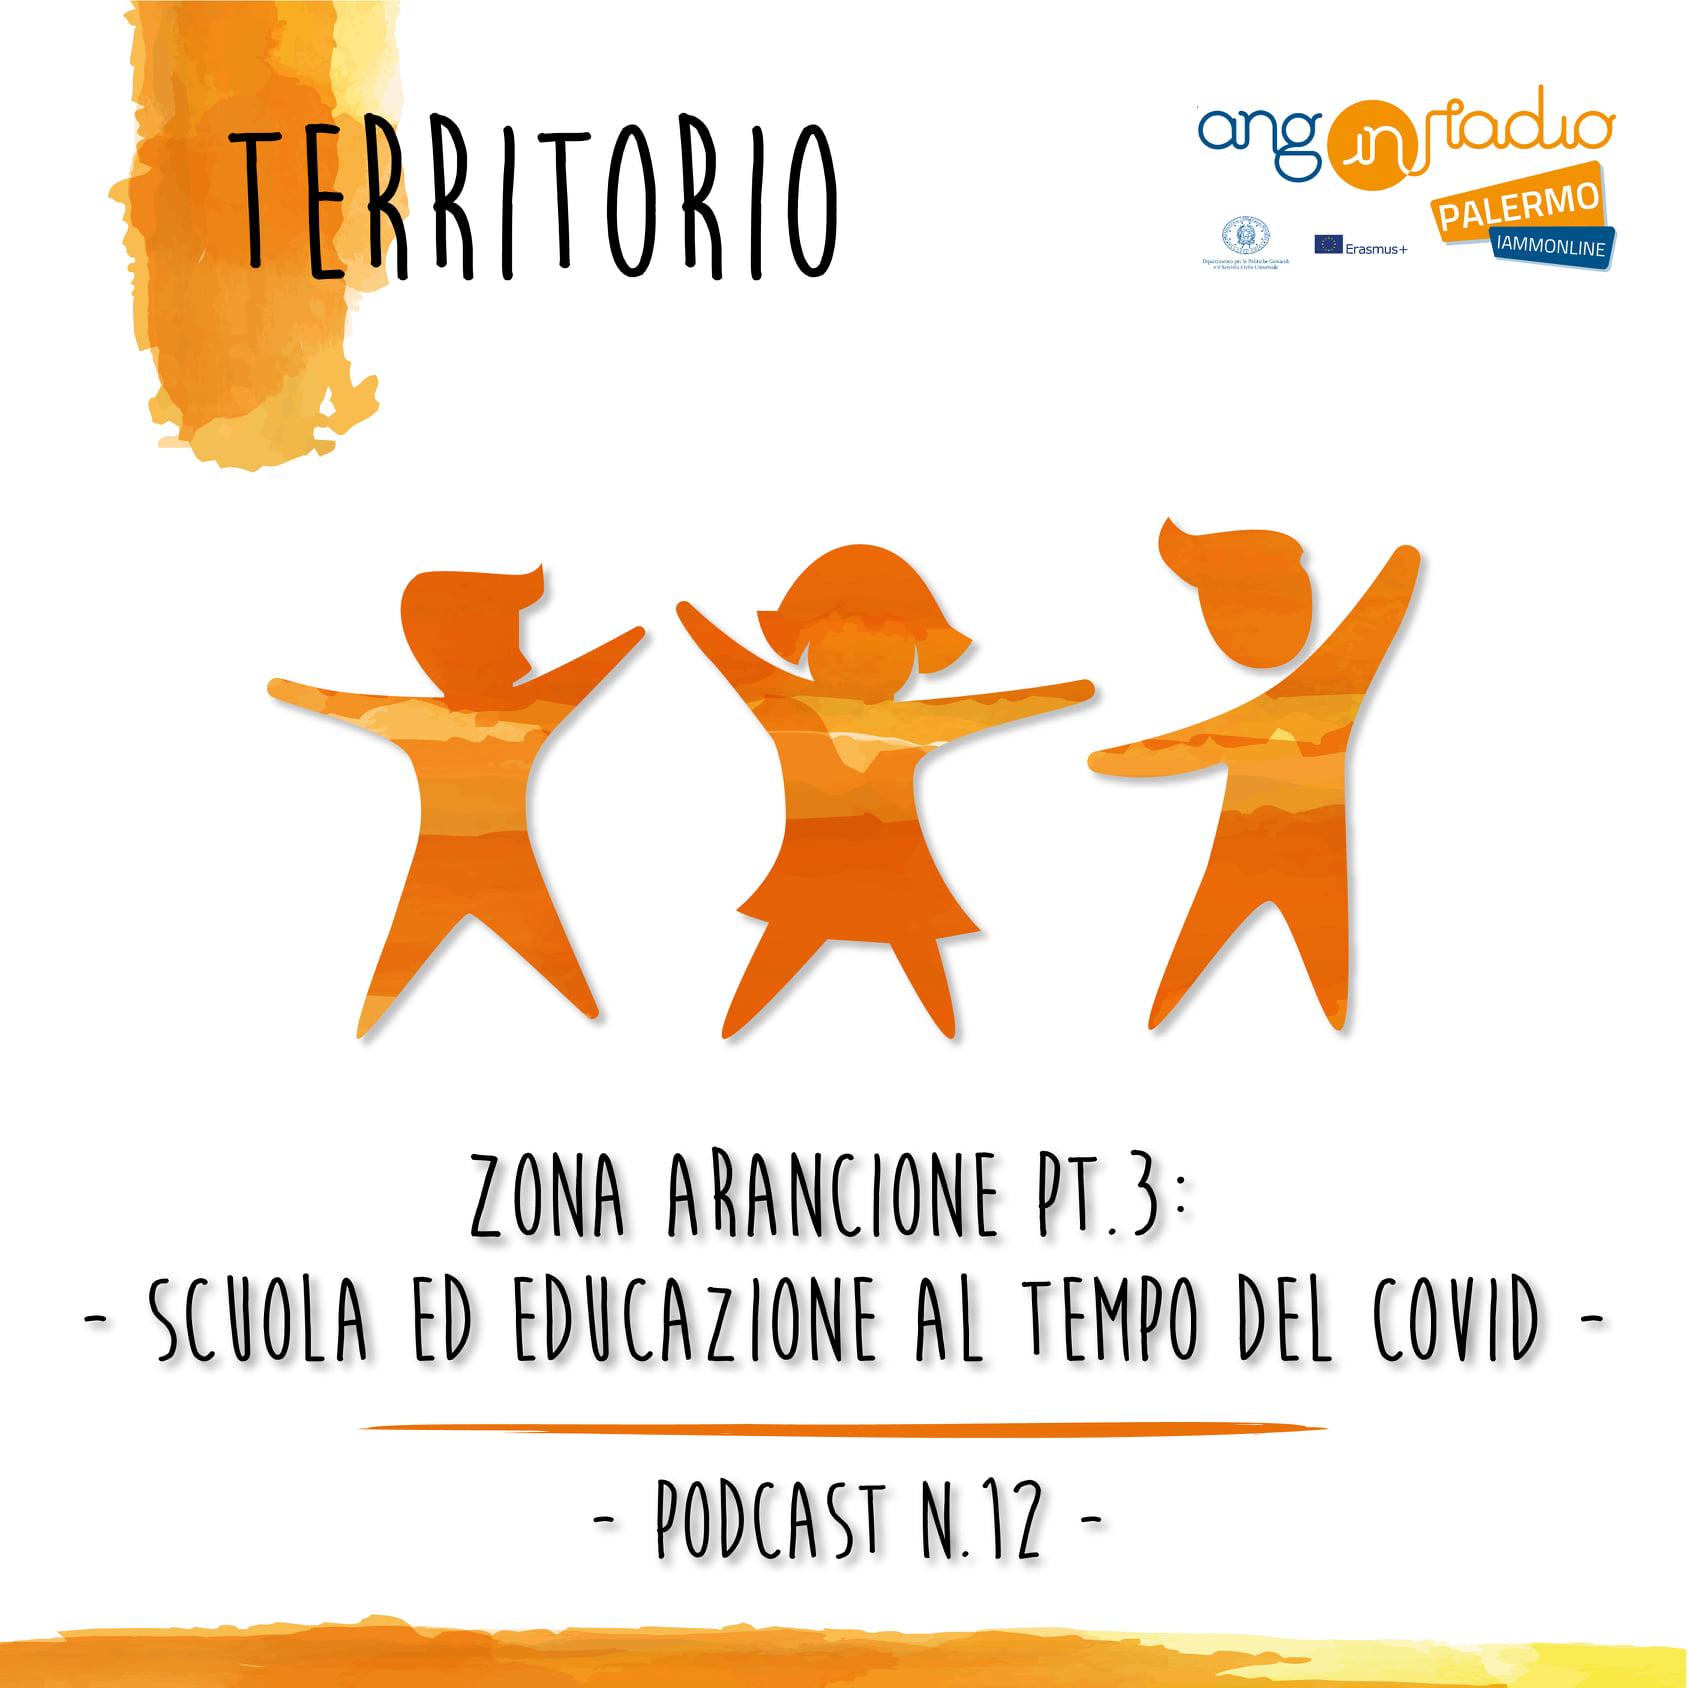 Podcast 12: Zona Arancione, parte 3